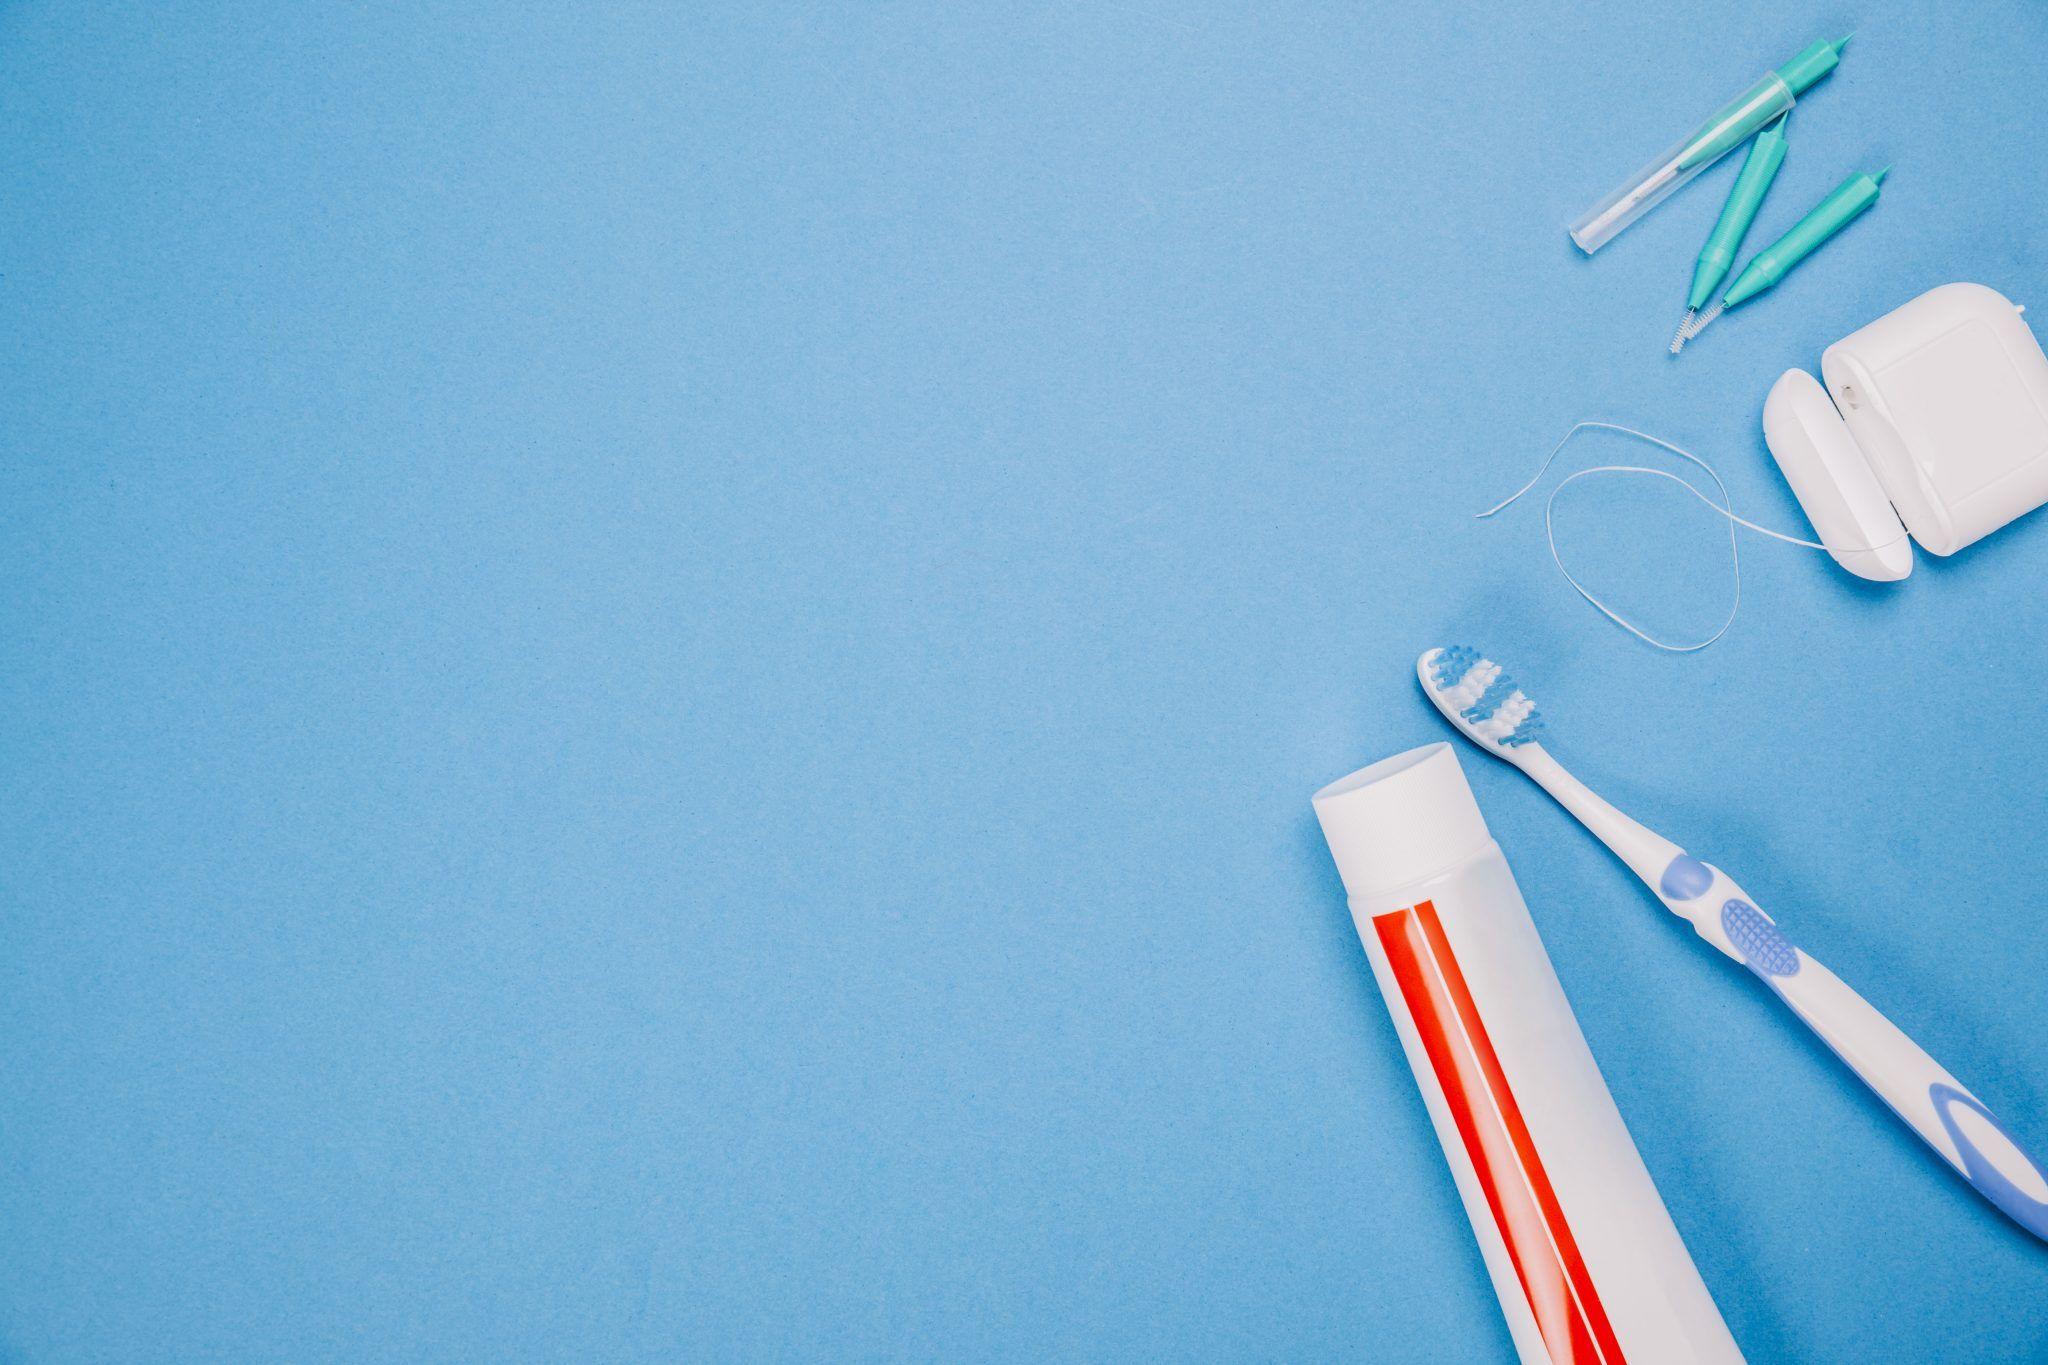 Instrumentos odontológicos sobre bancada